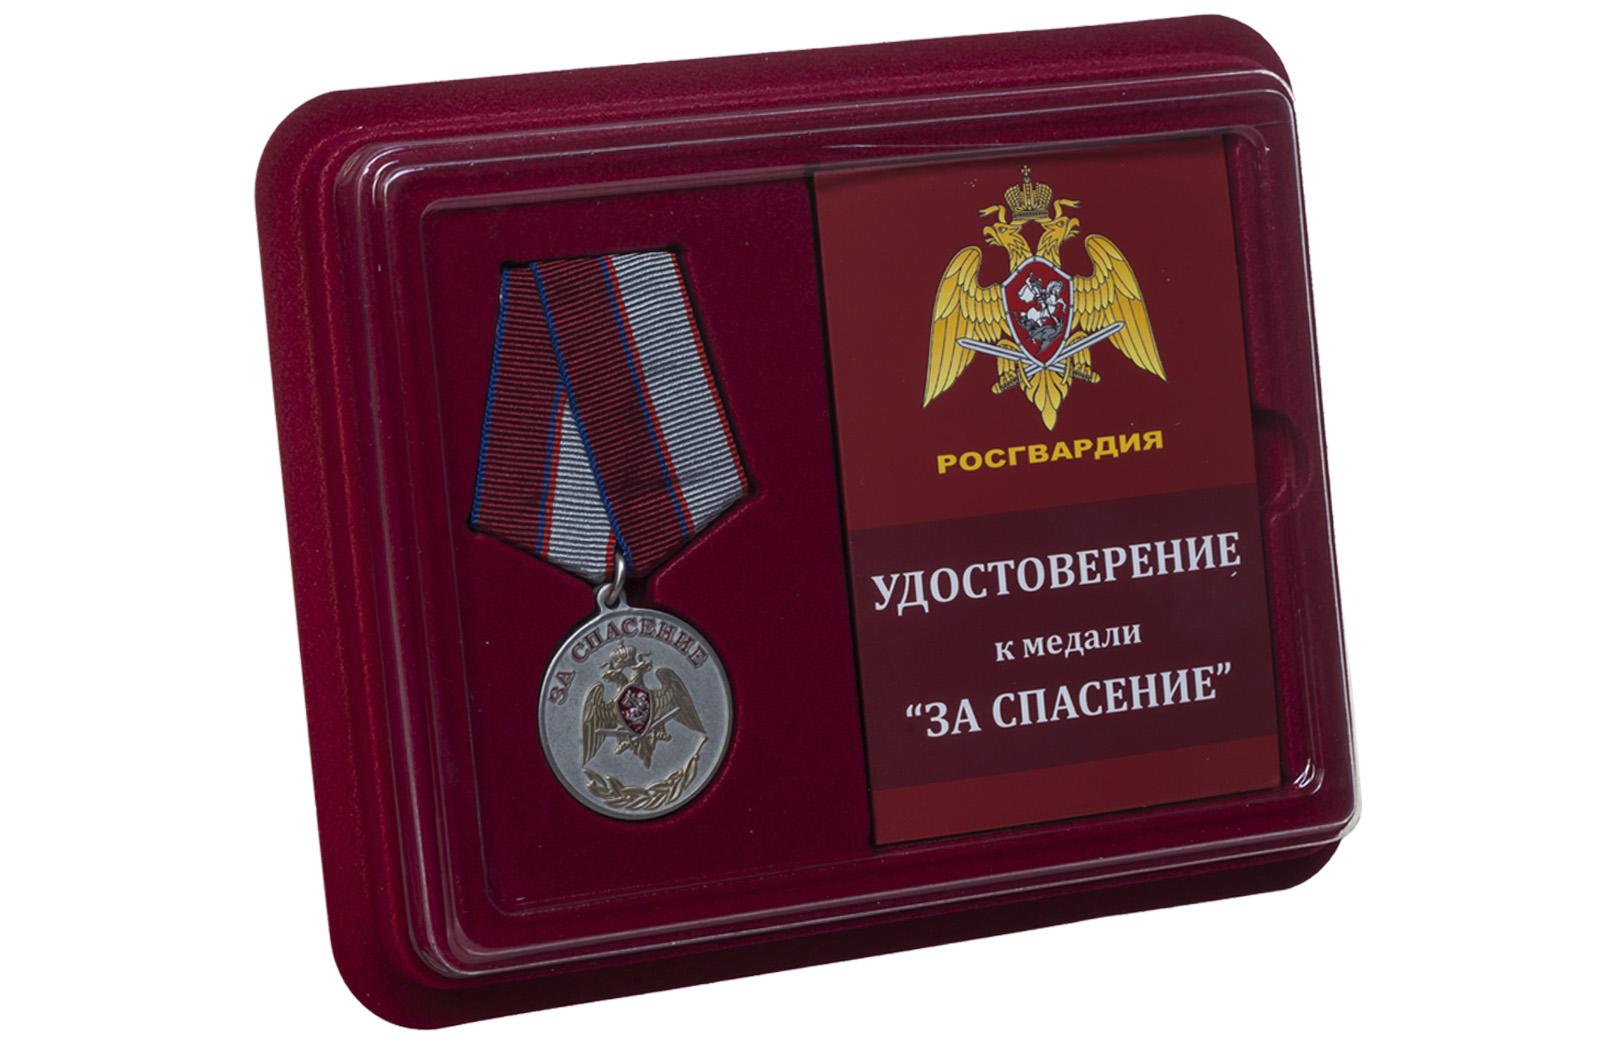 Медаль с символикой Росгвардии За спасение - в футляре с удостоверением